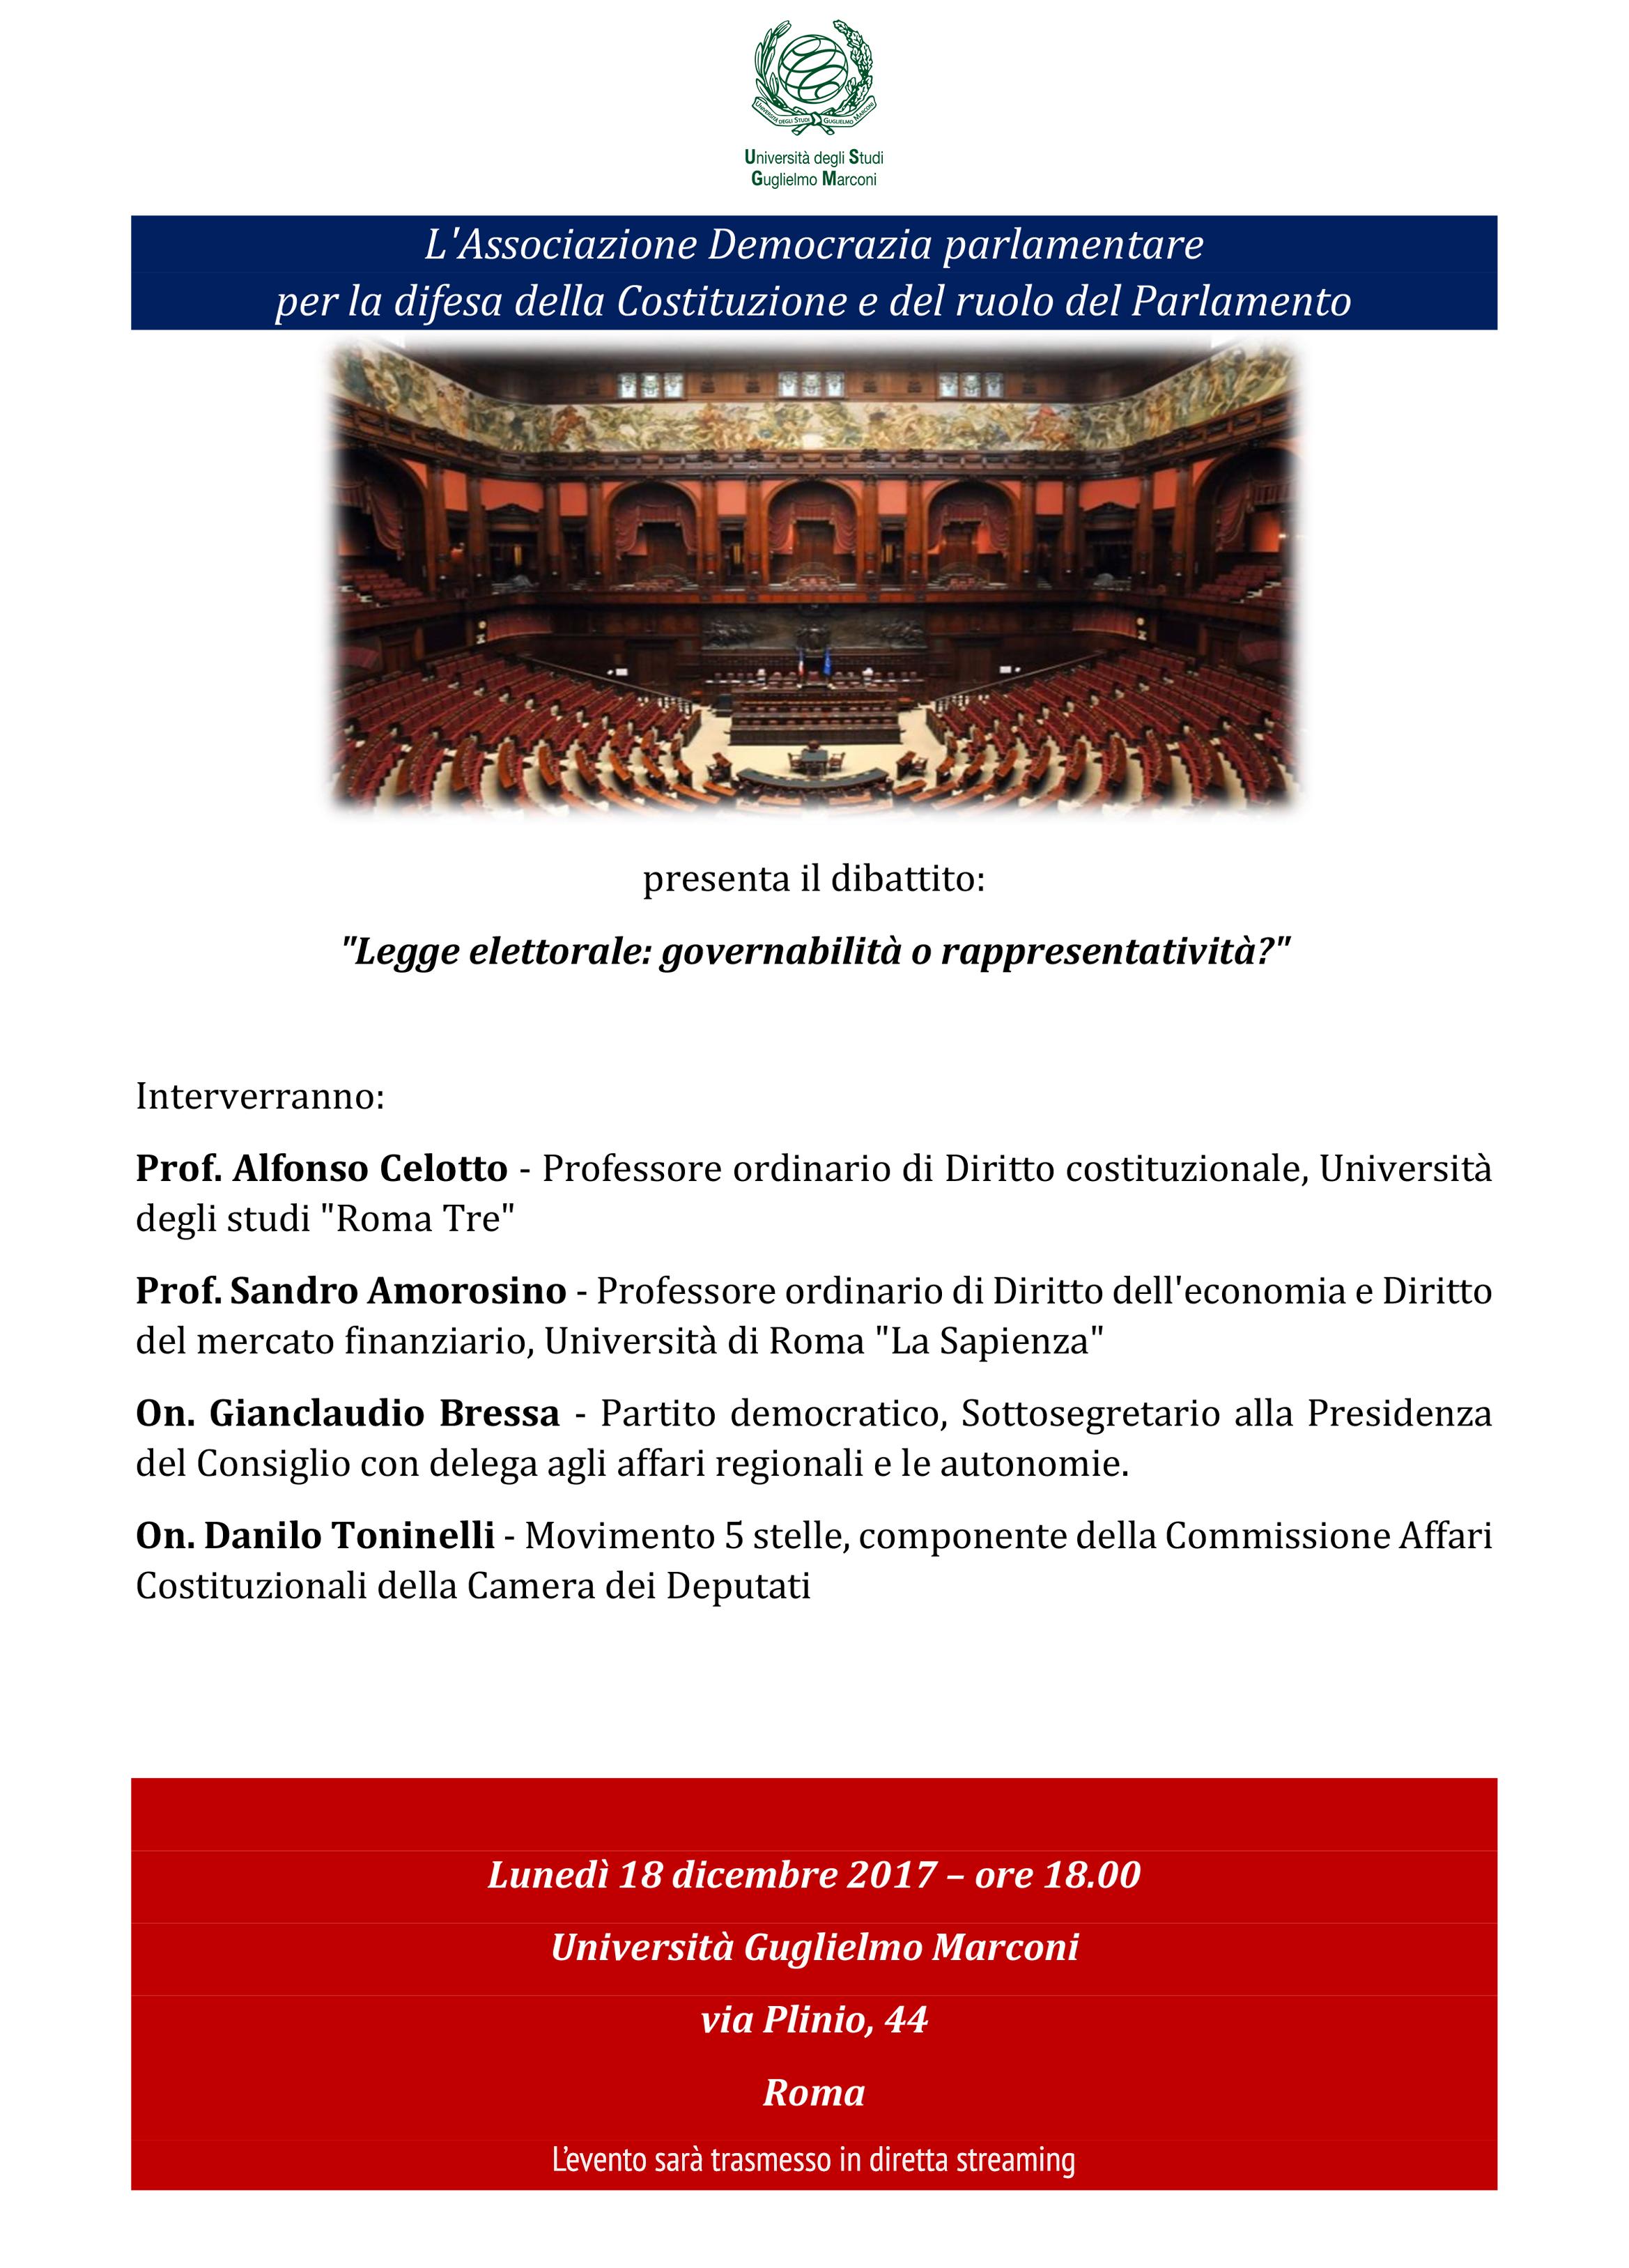 Università degli Studi Guglielmo Marconi - Evento-1418